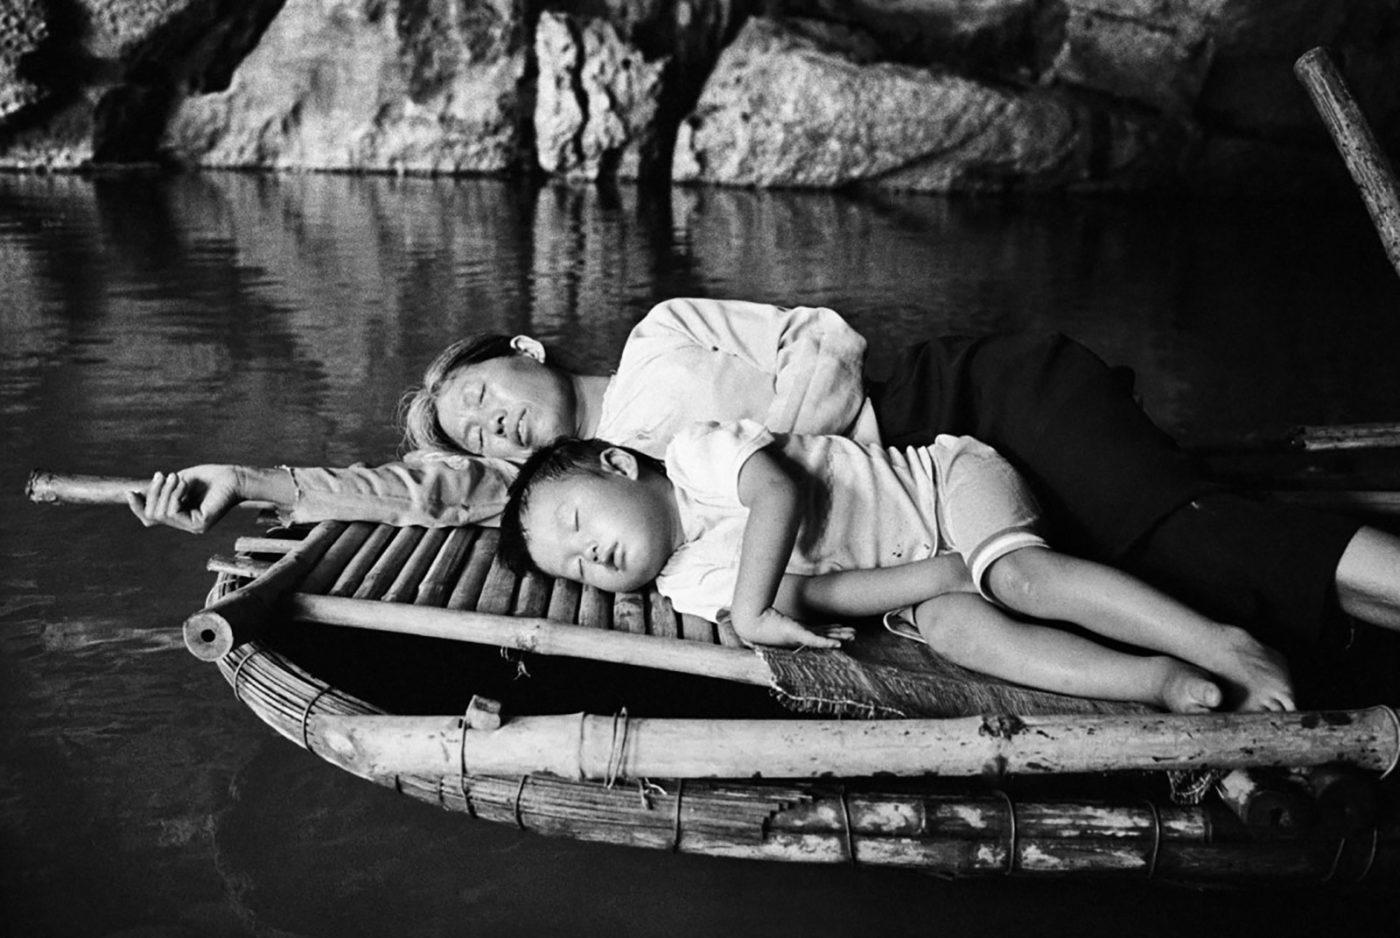 """Tác giả nói: """"Dòng sông vừa là ranh giới, vừa là mối liên kết. Trong tiếng Lào và tiếng Thái, """"Mê Kông"""" có nghĩa là mẹ của các dòng sông – thật trùng khớp với câu chuyện của tôi, đứa trẻ được bà và các dì nuôi nấng. Thay vì lần theo lịch sử, tôi muốn thể hiện sông Mê Kông qua góc nhìn của người dân nơi đây, cách họ đang sống, hoạt động kinh tế, nông nghiệp, đánh bắt thuỷ sản ngày nay"""" - Ảnh: Lâm Đức Hiền"""